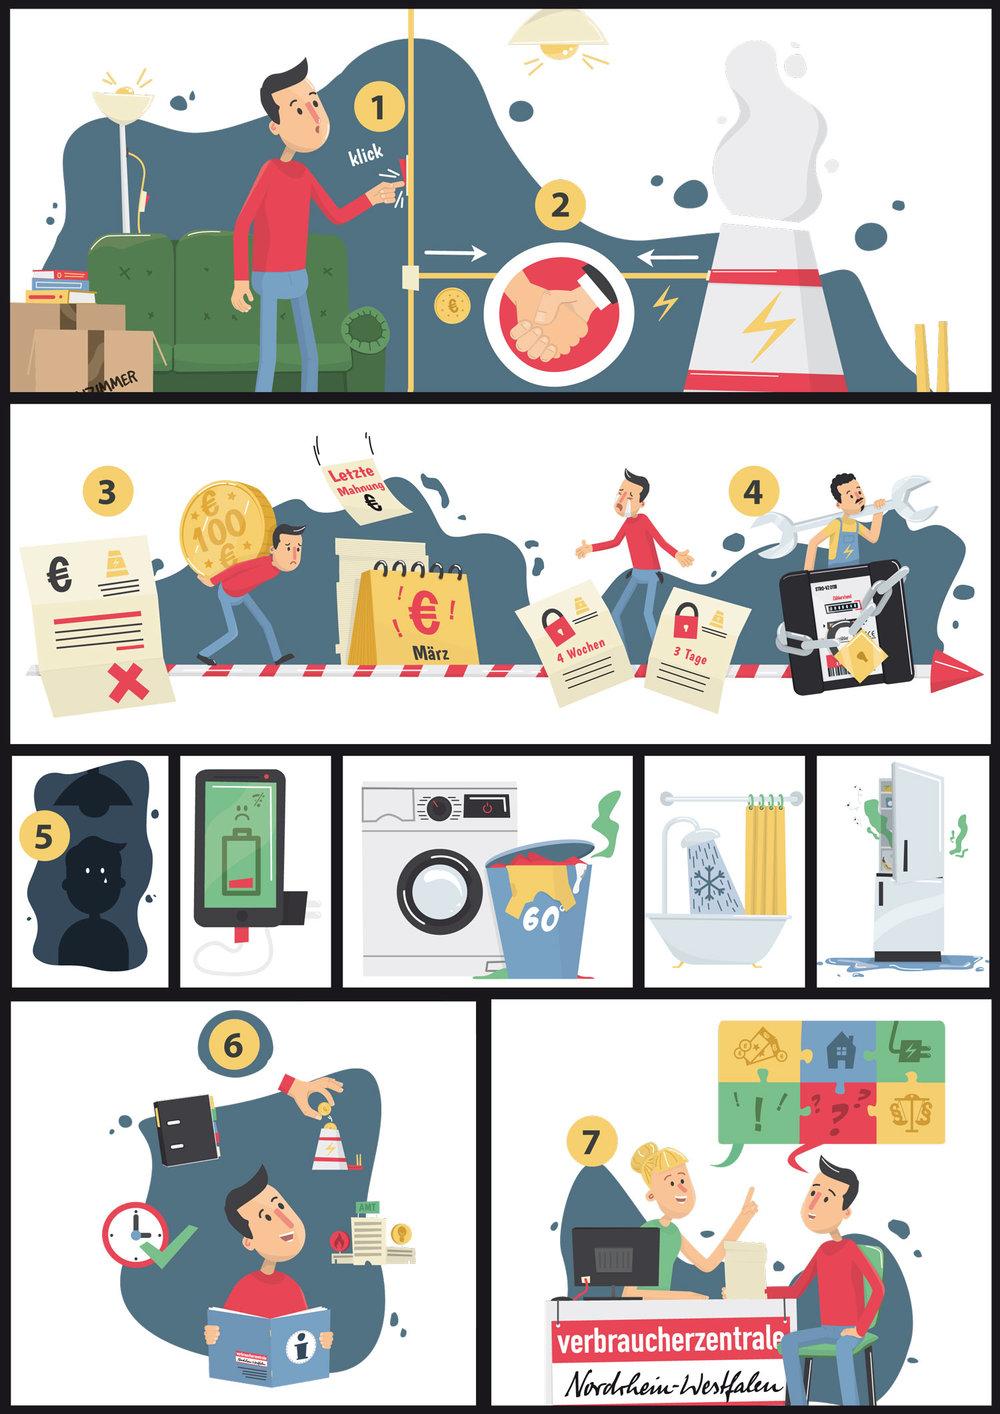 Wie entsteht eine Stromsperre - Illustrationen als Bildgeschichte von Elisabeth Deim